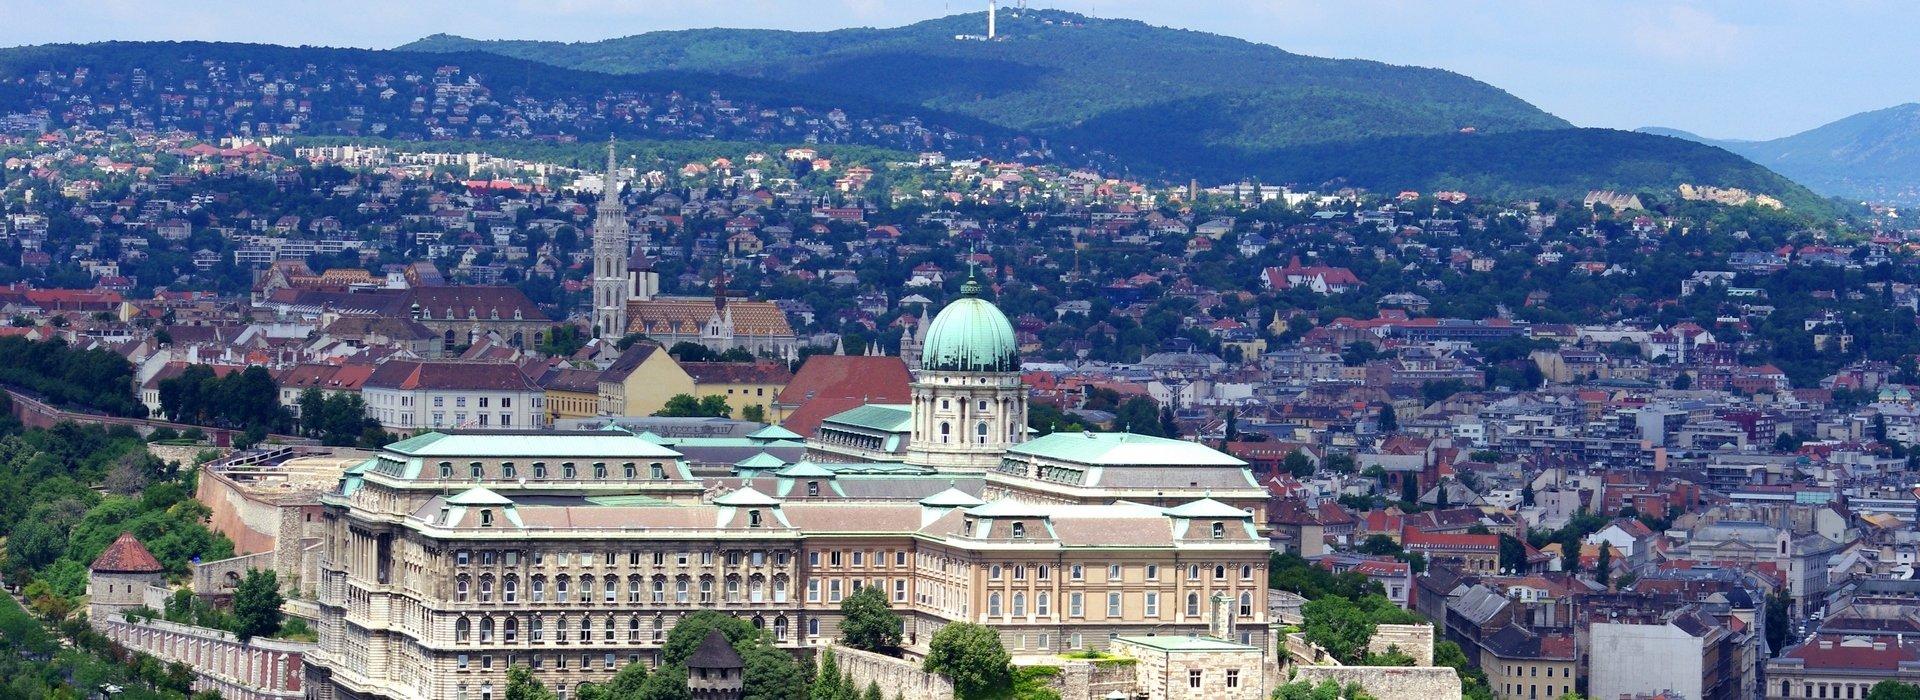 Budapest Weltkulturerbe – Weltkulturerben in Budapest, Ungarn